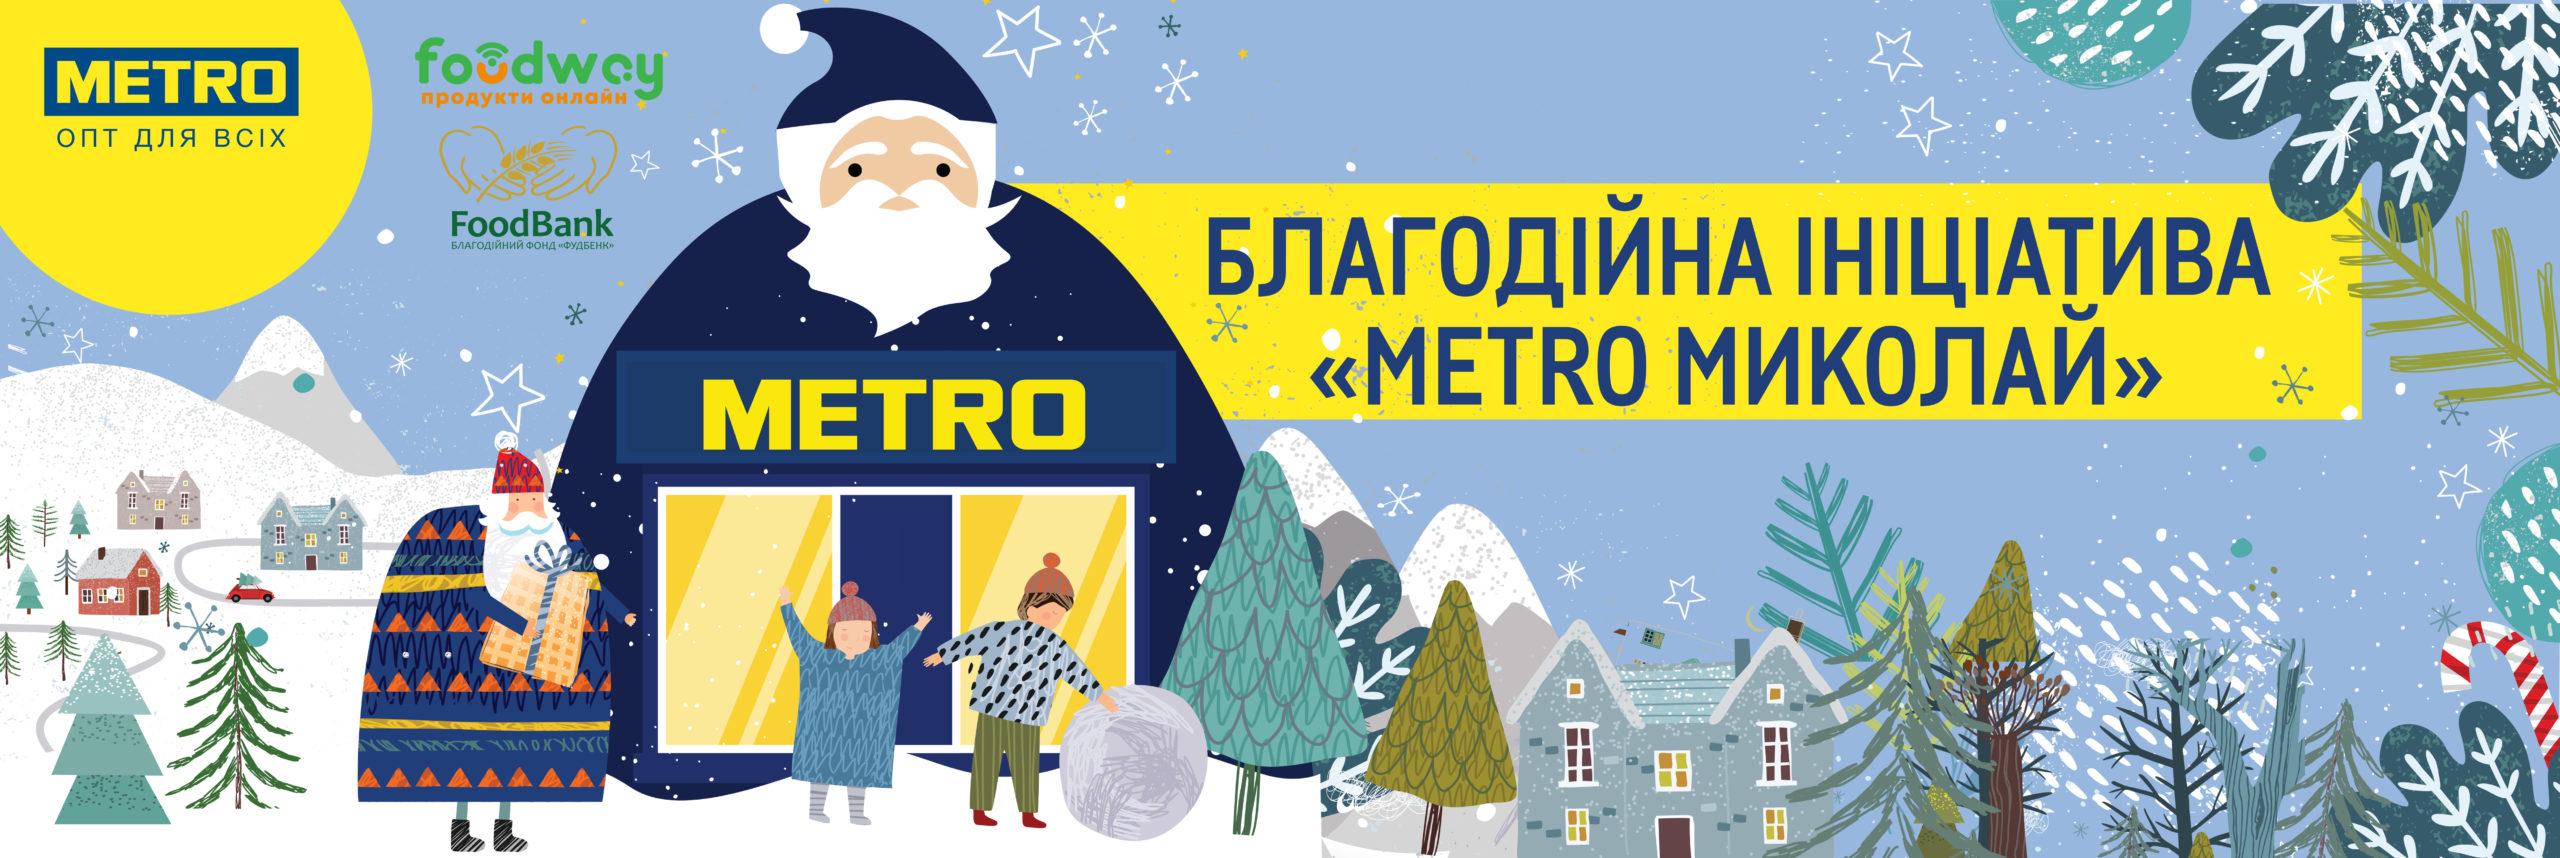 METRO Україна та Foodway проводять спільну благодійну акцію «METRO-Миколай»